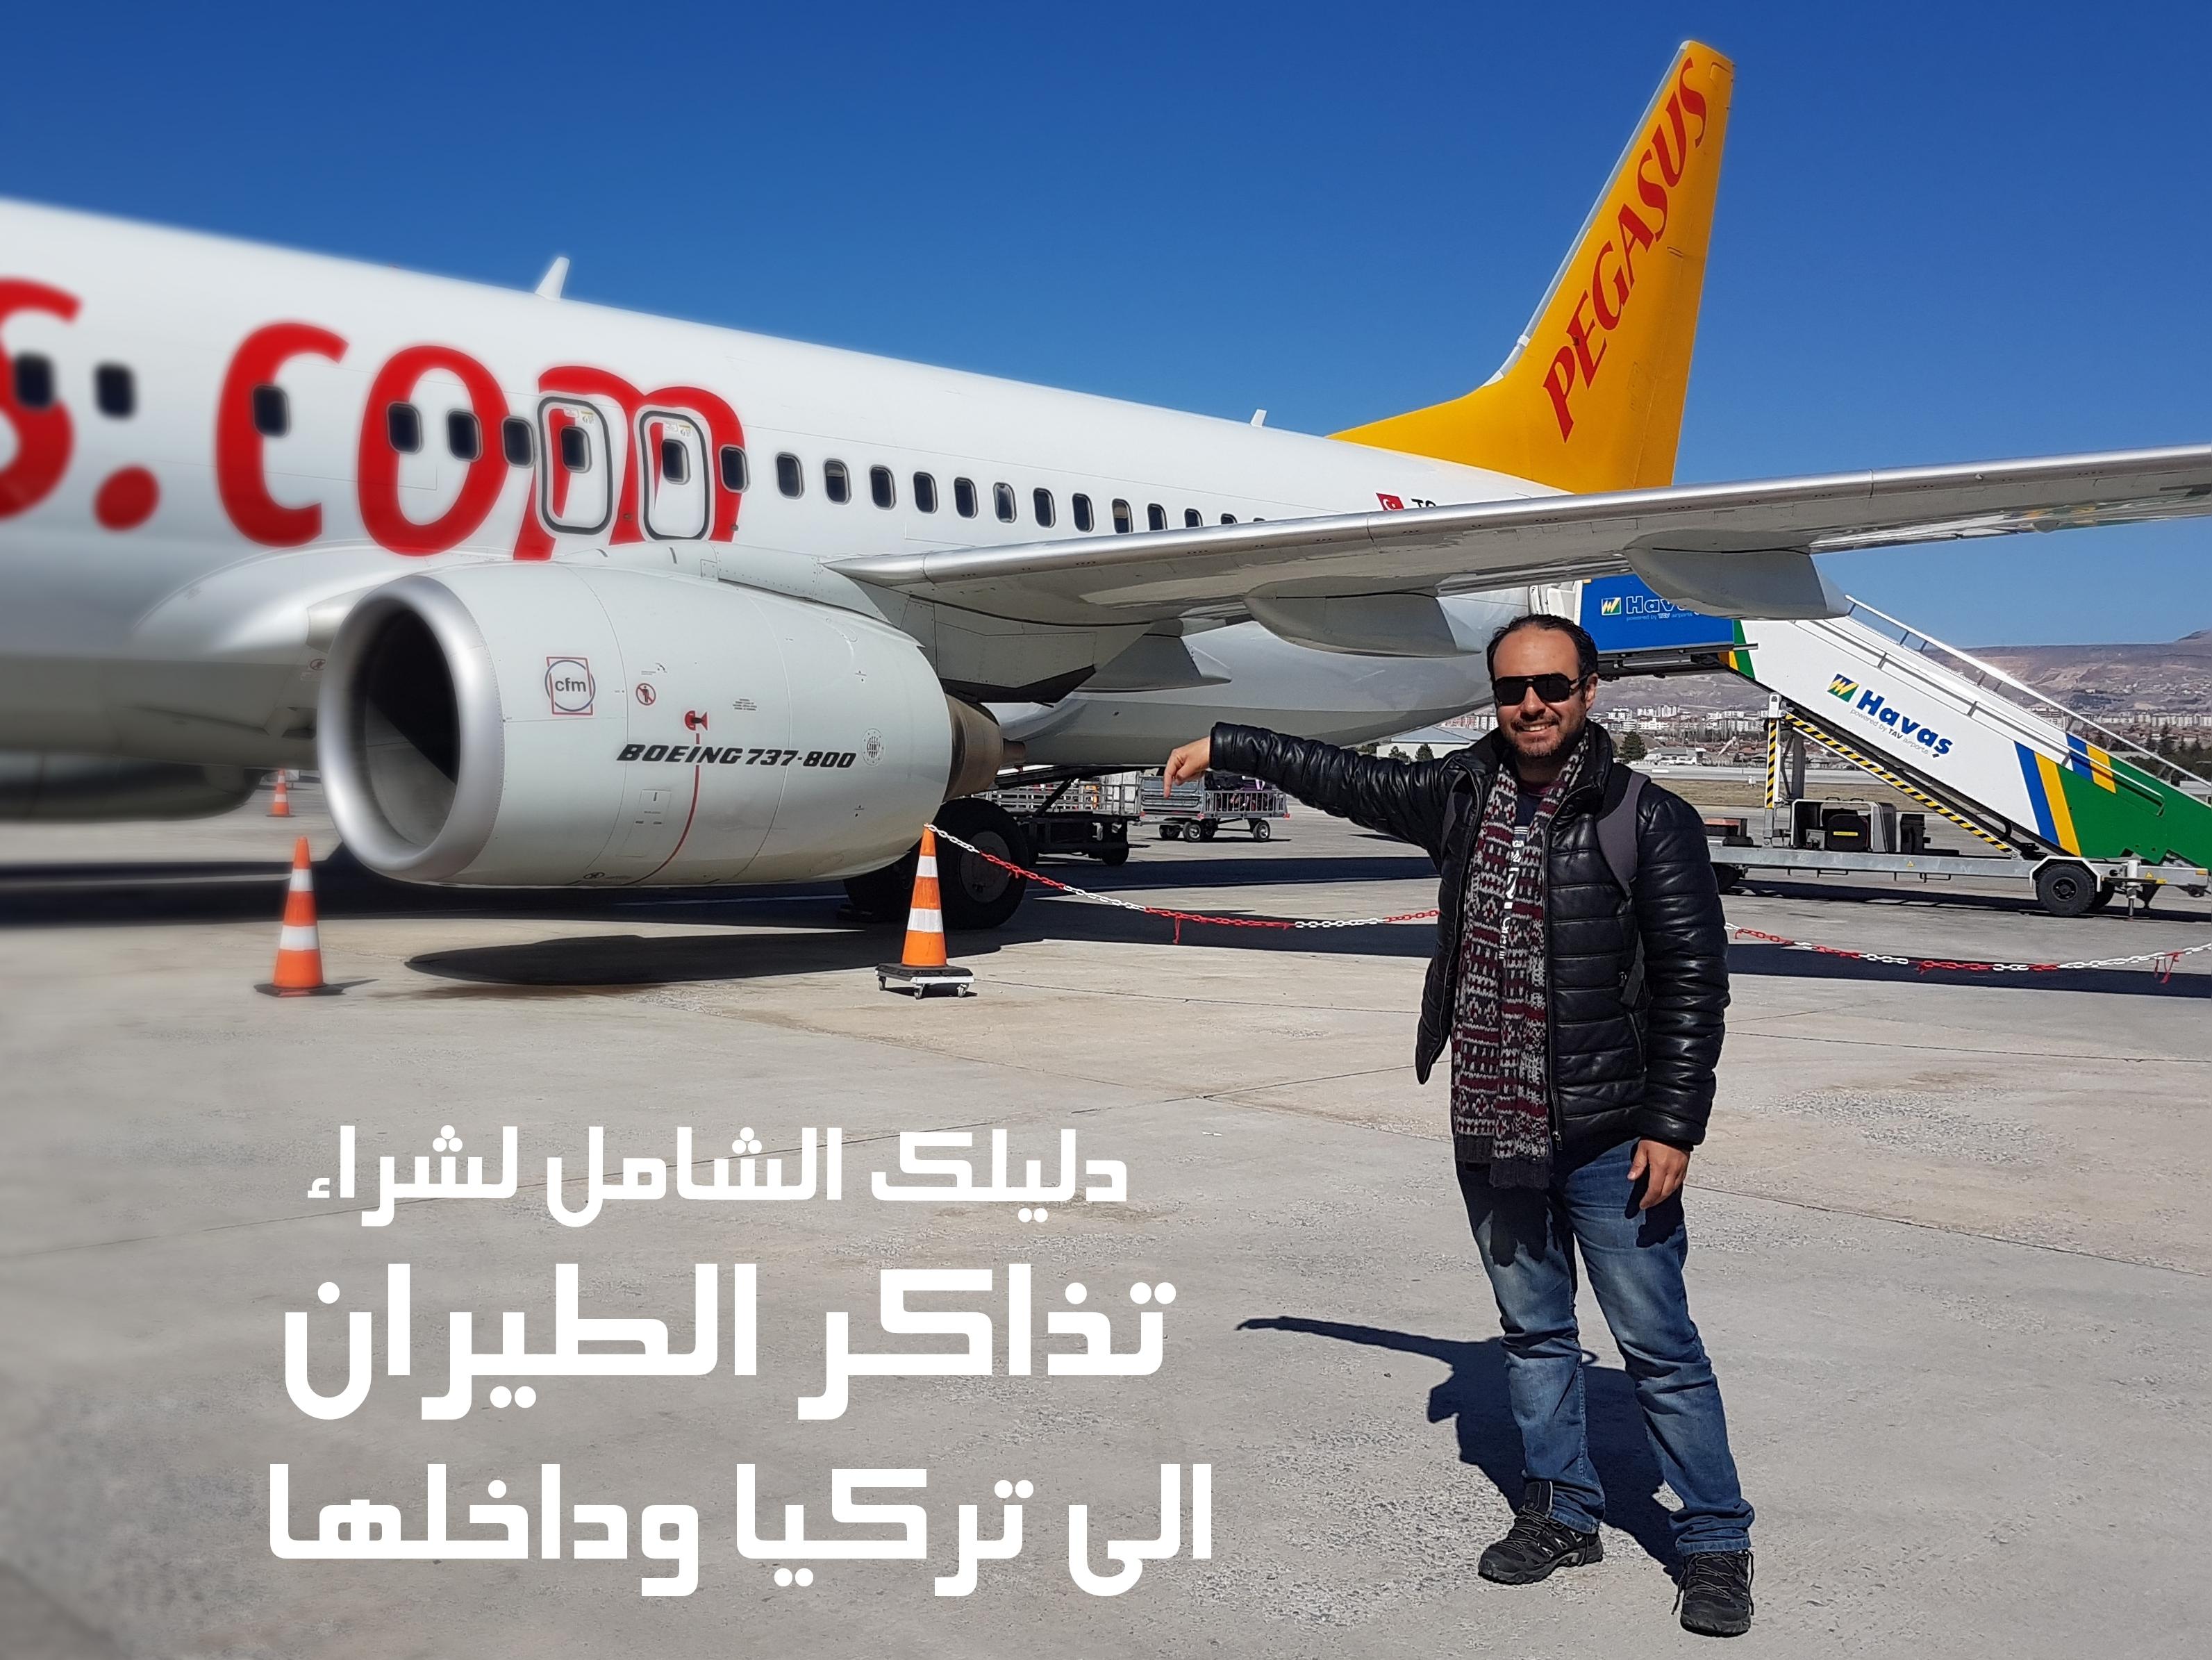 دليلك الشامل لشراء تذاكر طيران رخيصة الى تركيا وداخلها Couch Travelercouch Traveler